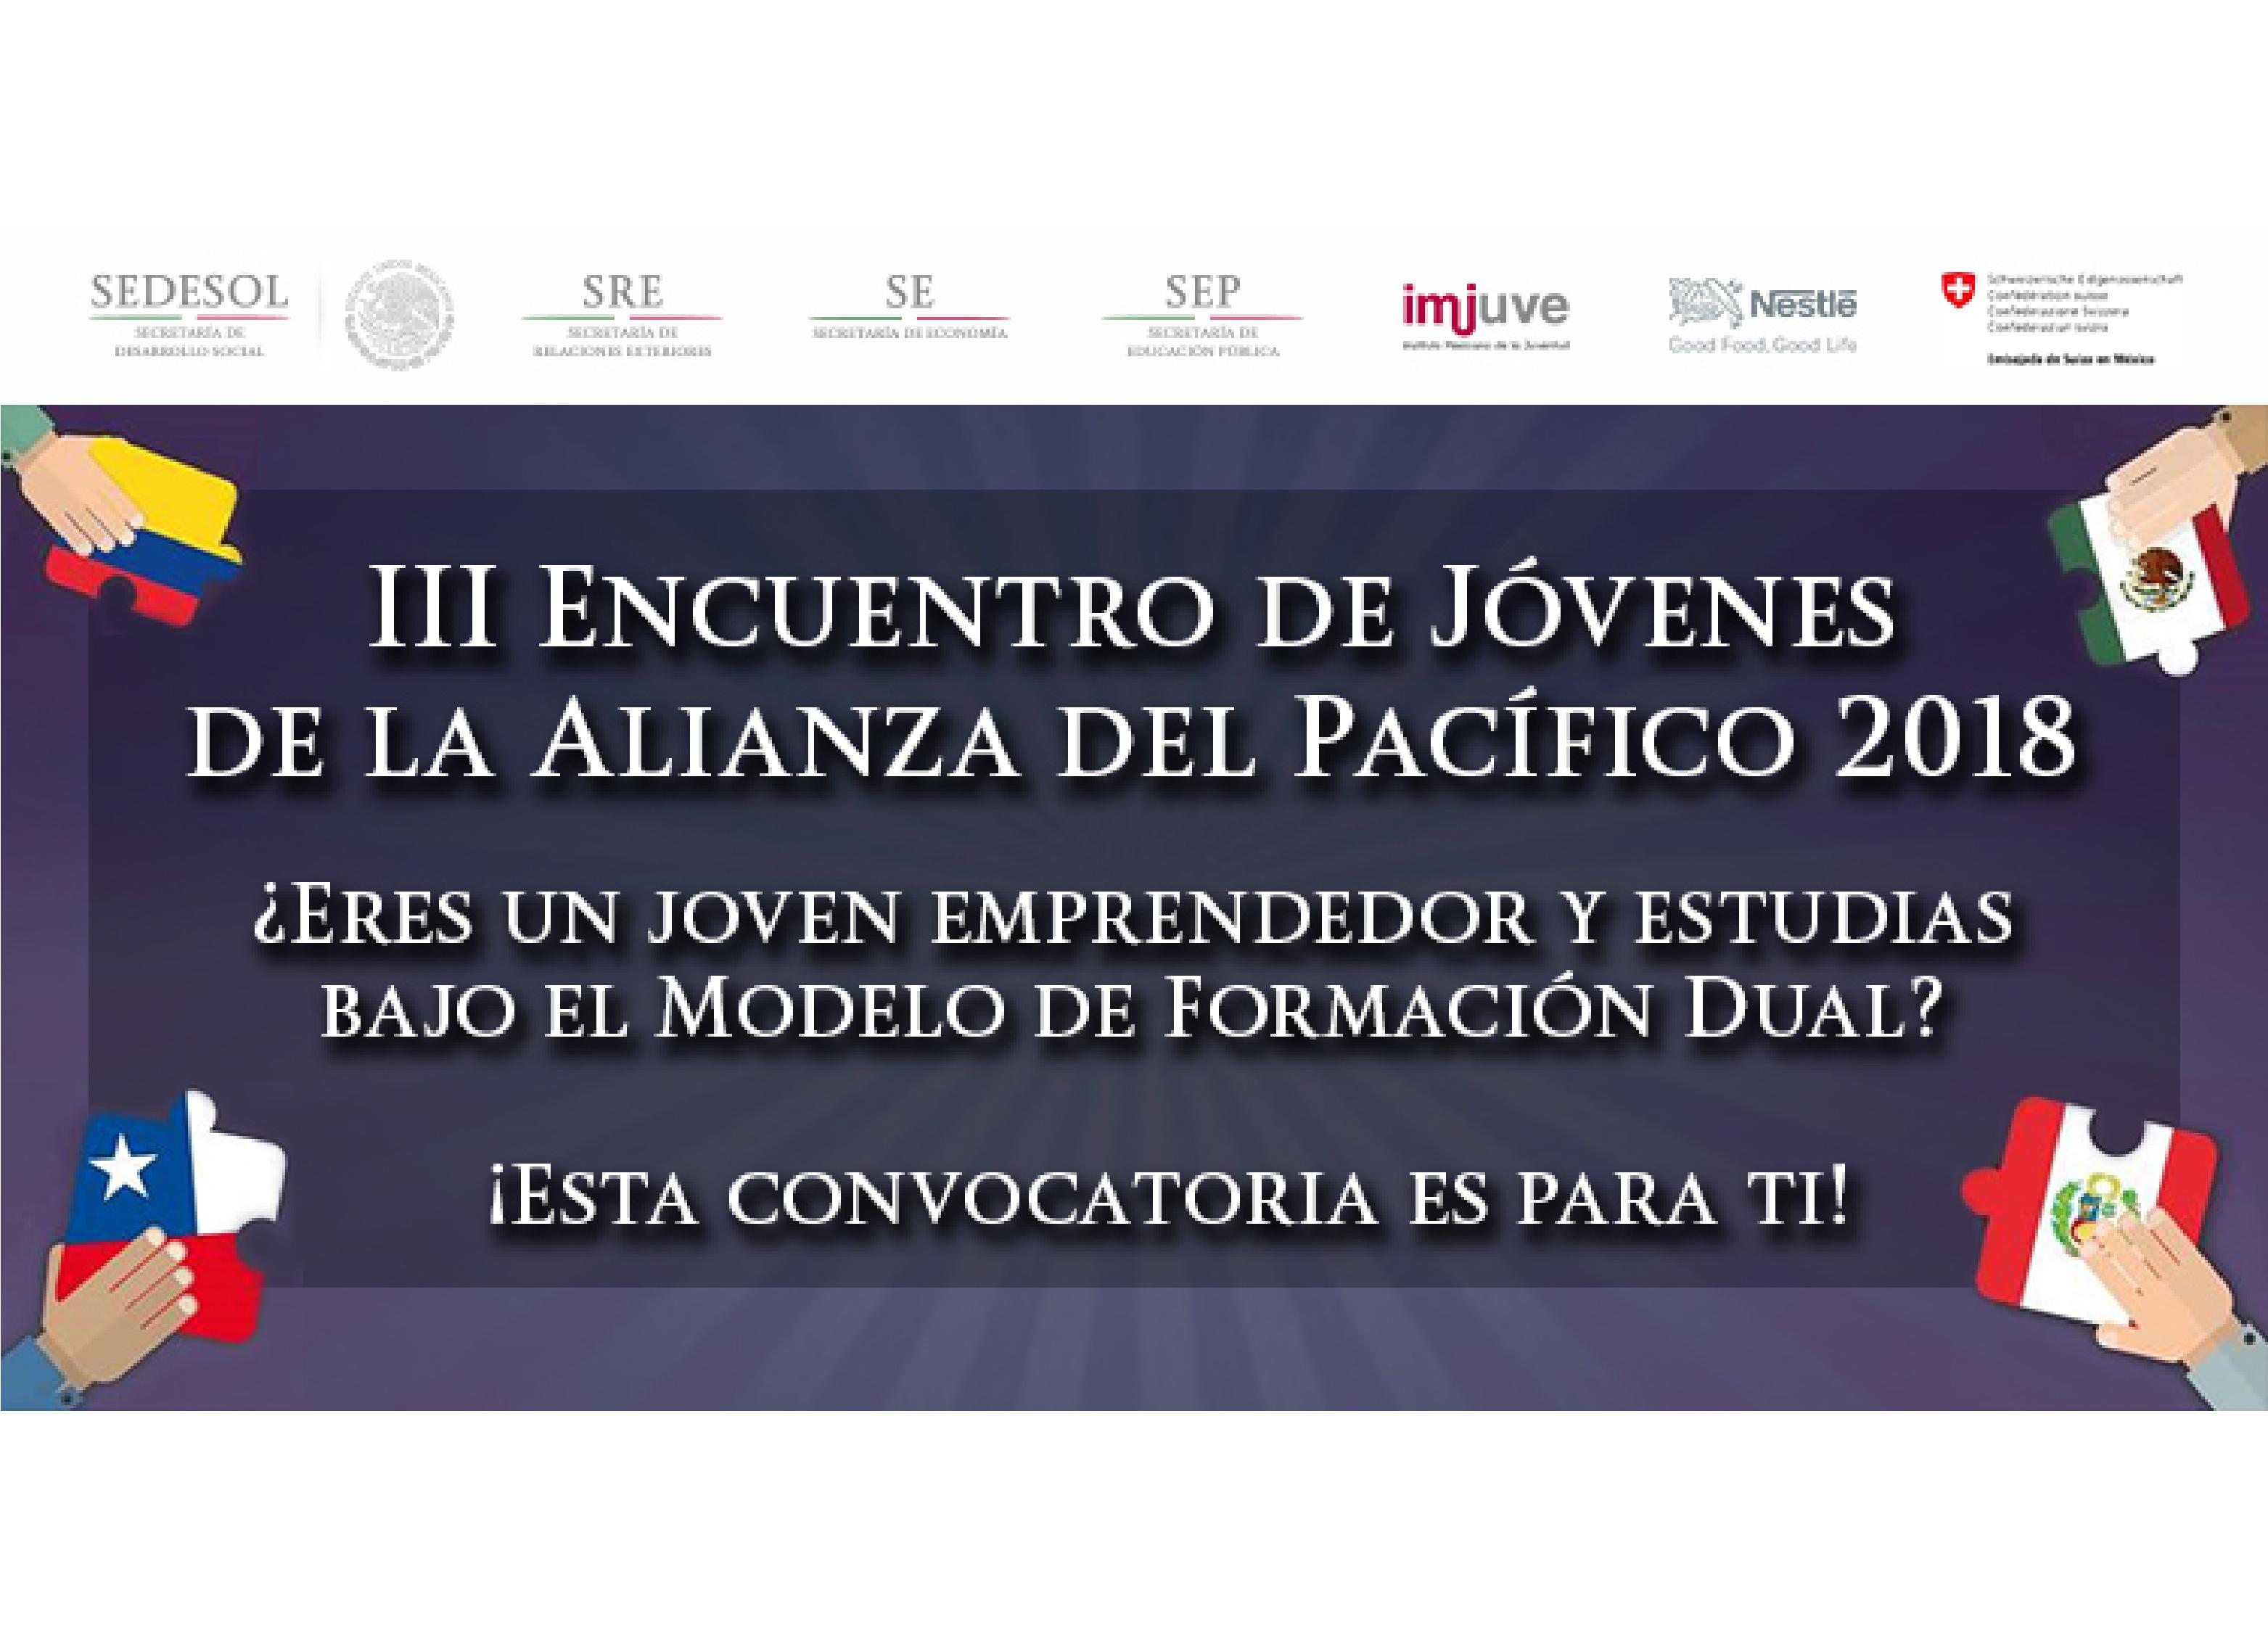 Convocatoria: III Encuentro de Jóvenes de la Alianza del Pacífico 2018.